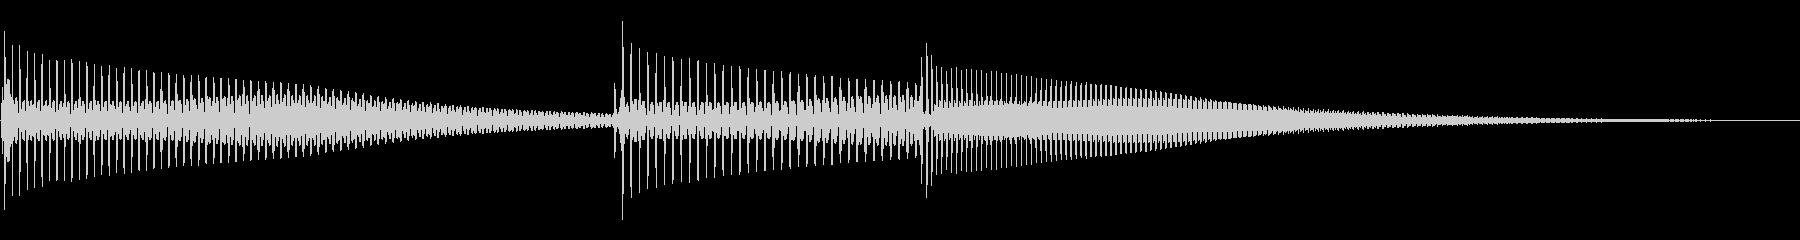 ピンポパン(PCの起動音)の未再生の波形